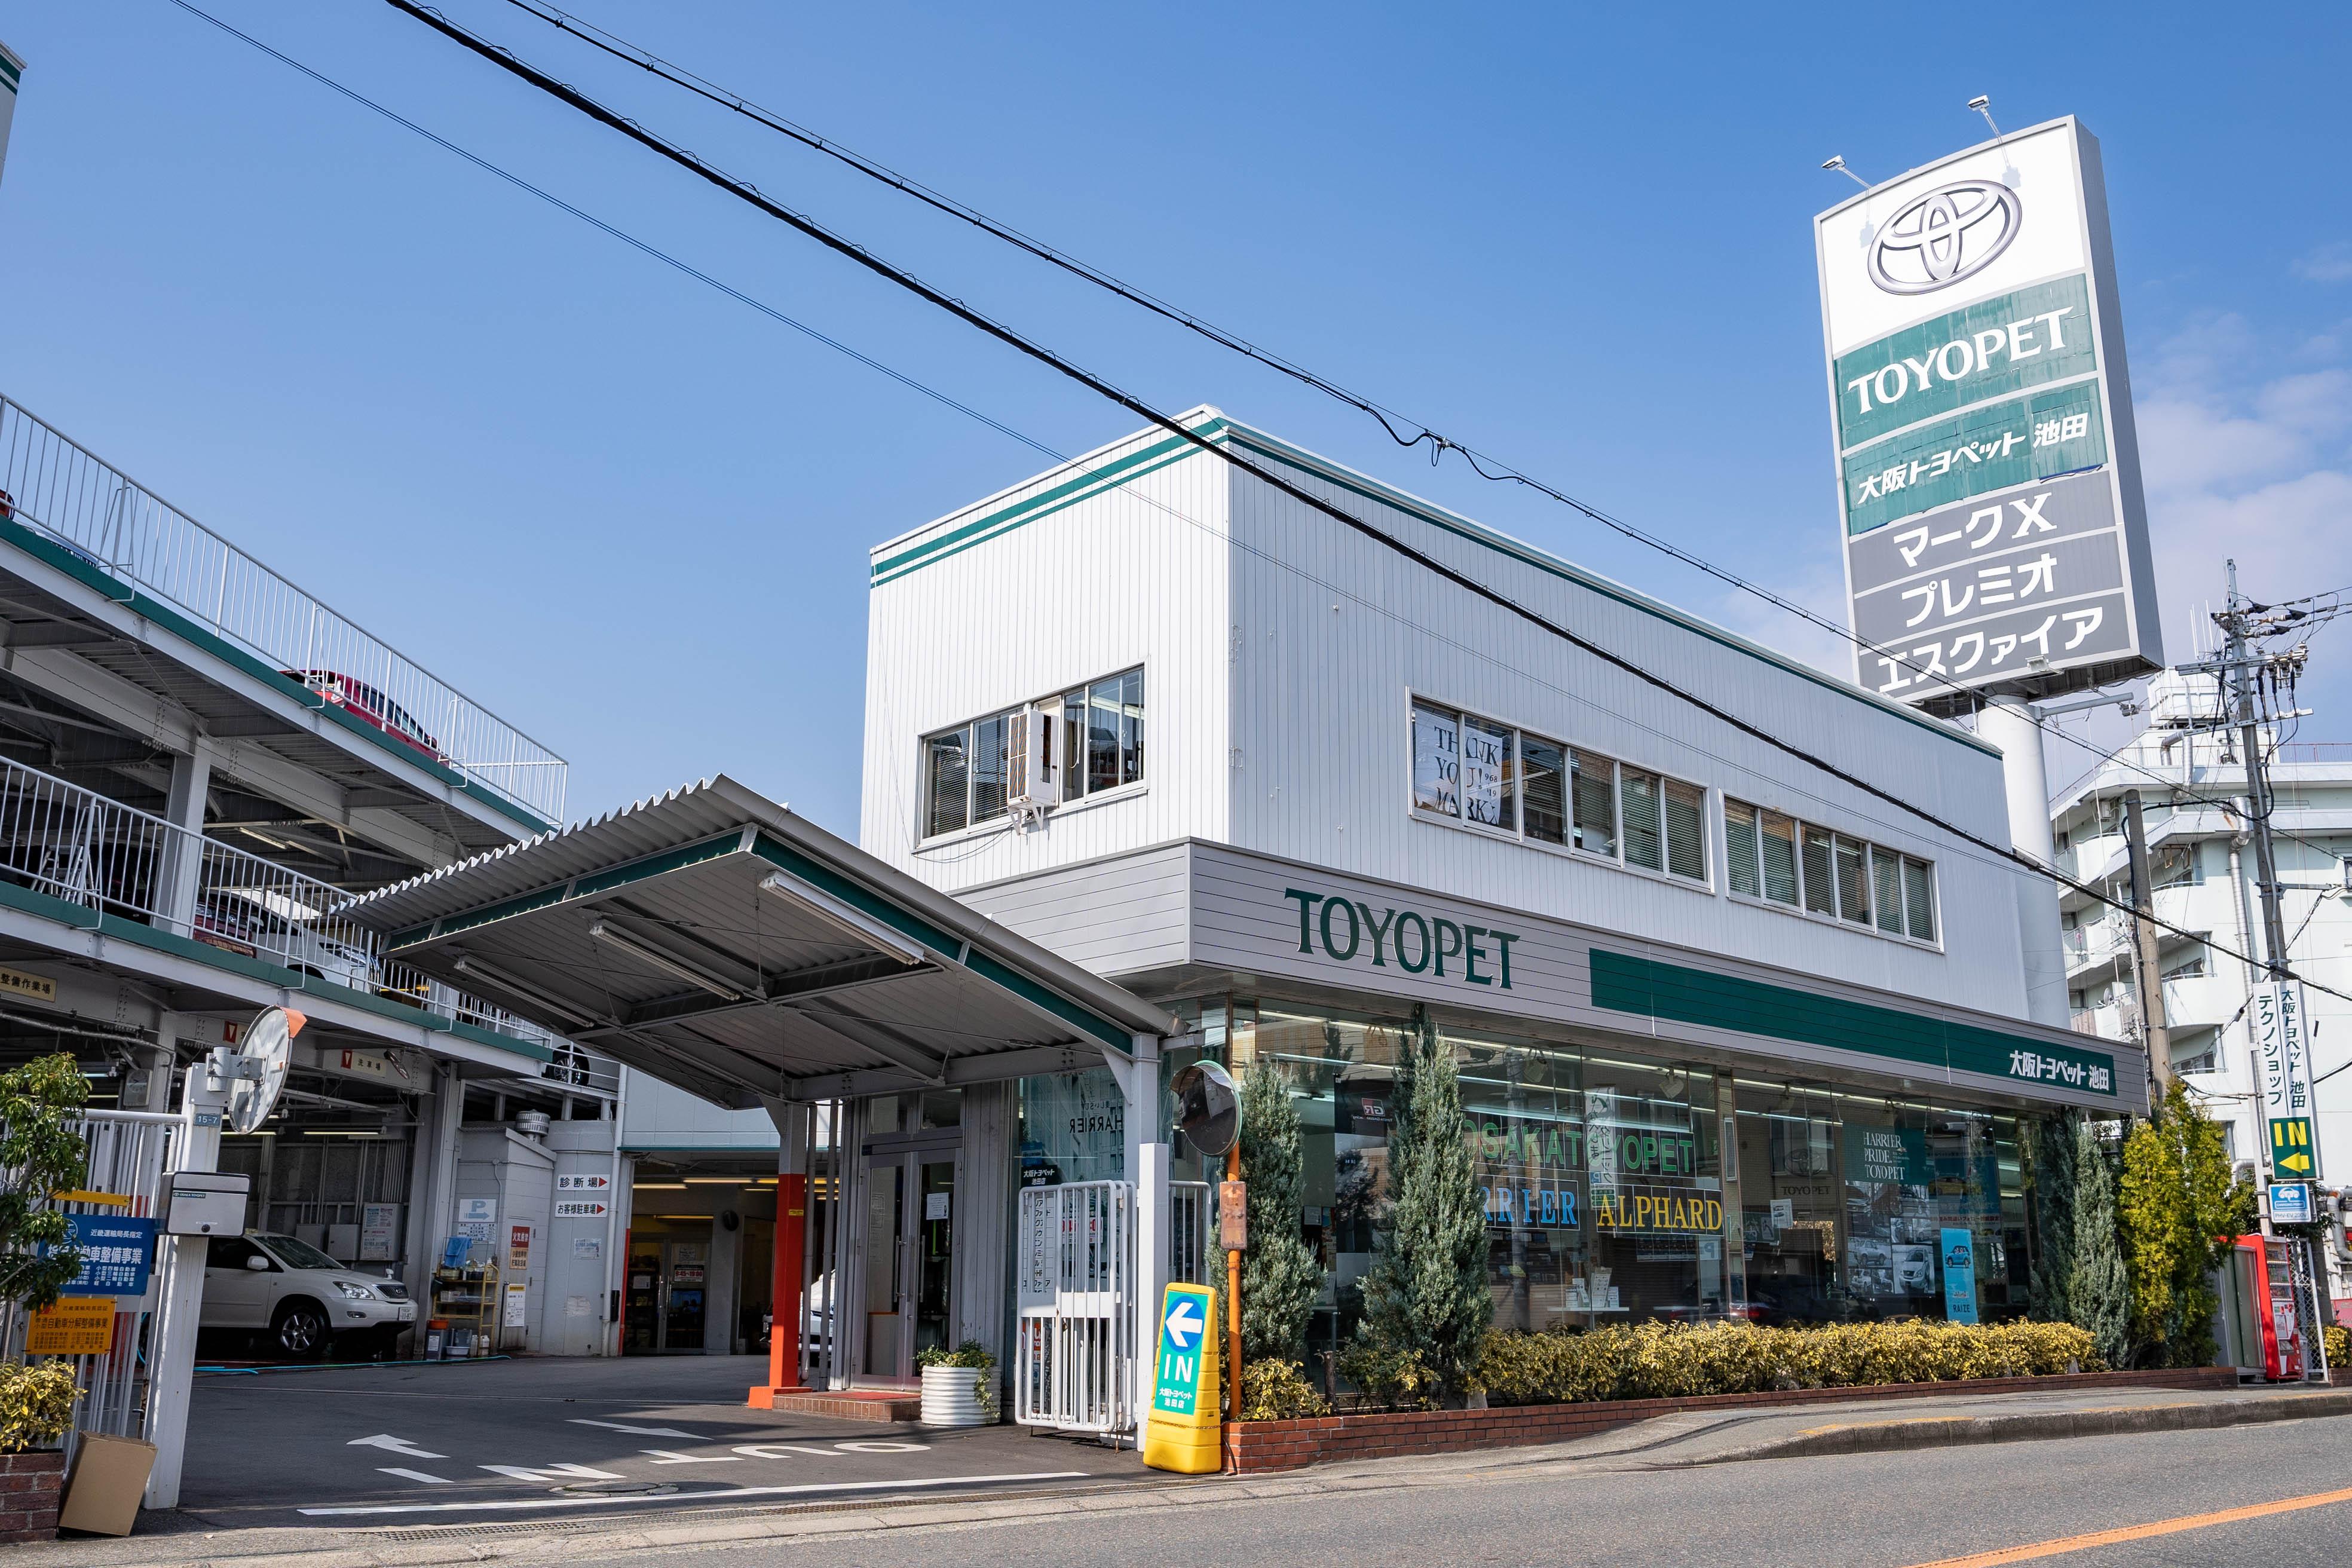 左アクセル付レンタカーを大阪トヨペット 池田店にお届け